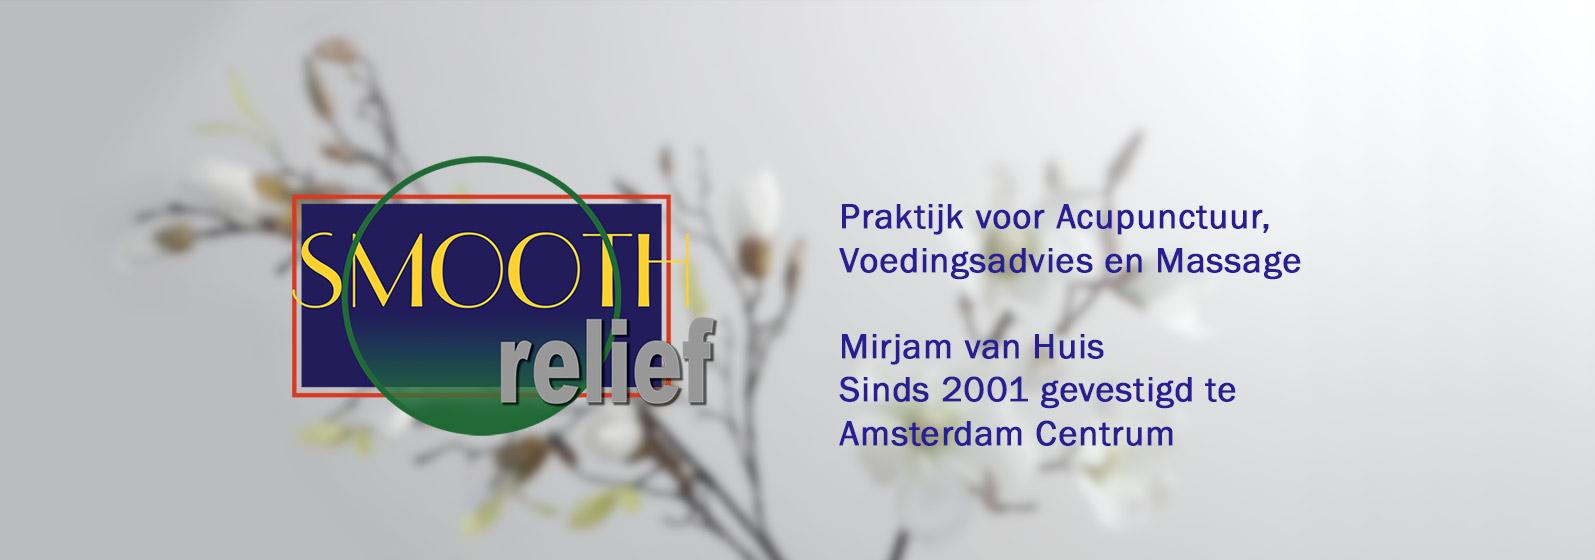 acupunctuur-amsterdam